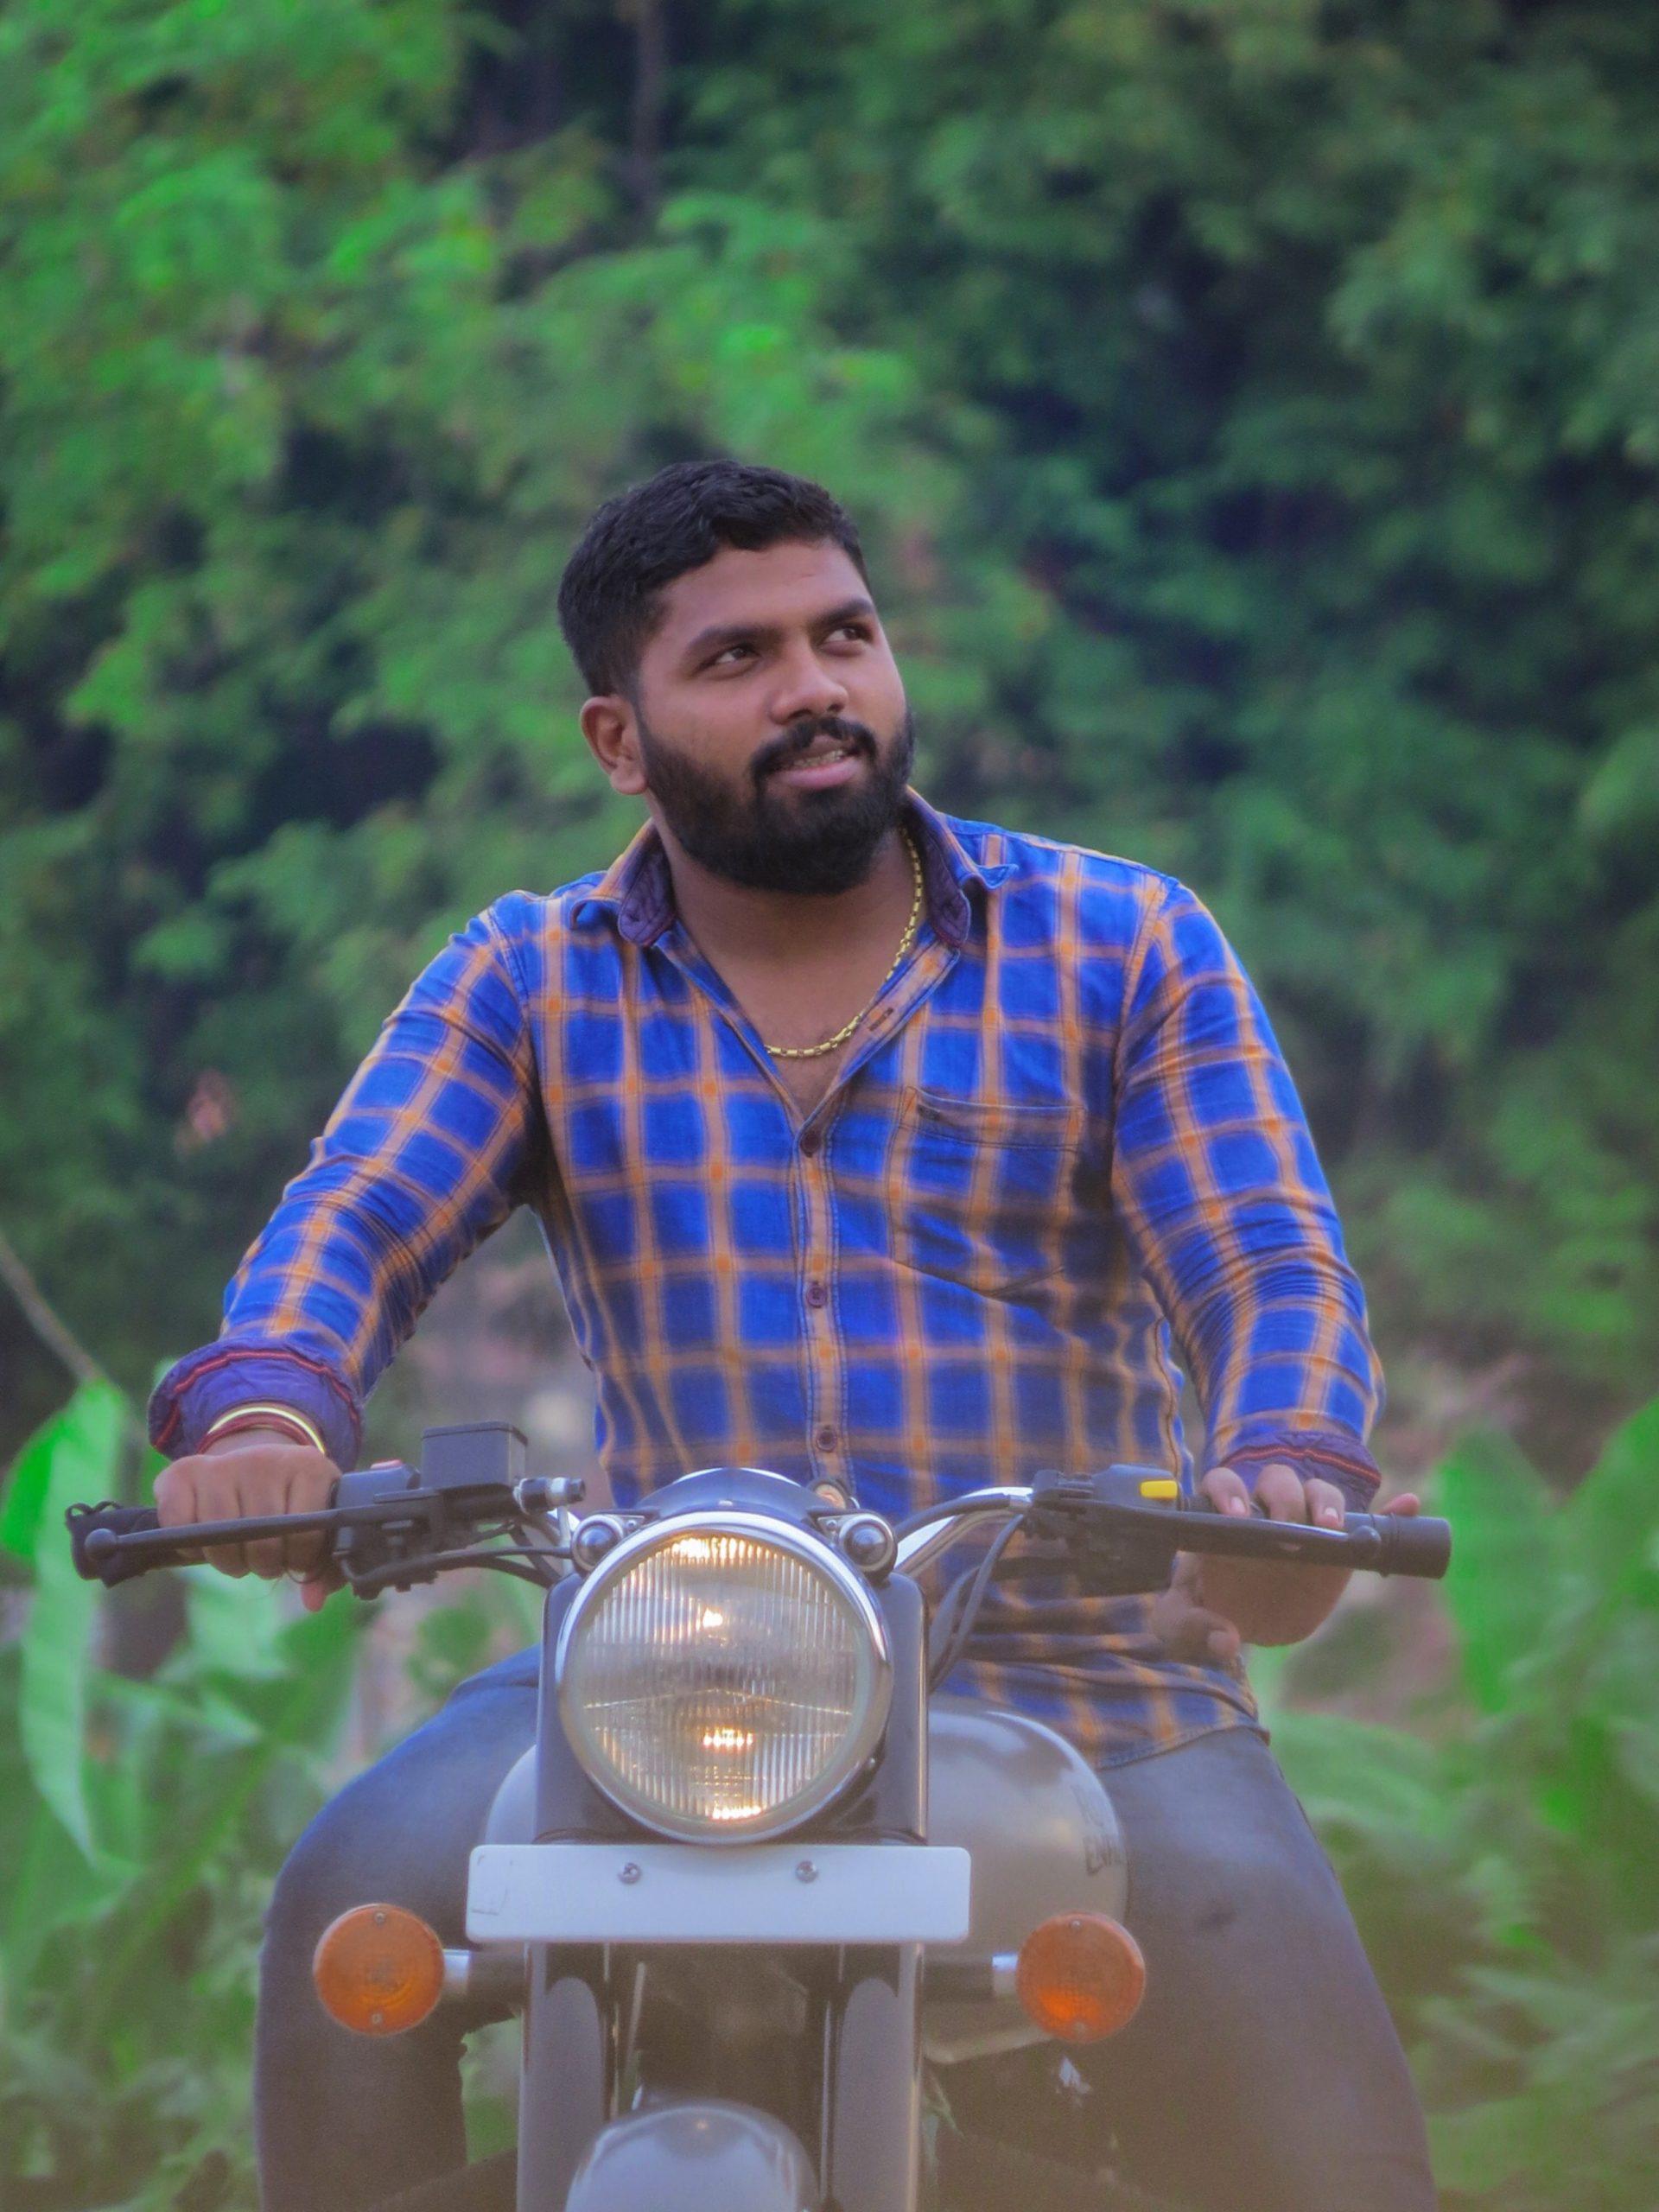 A man sitting on a bike